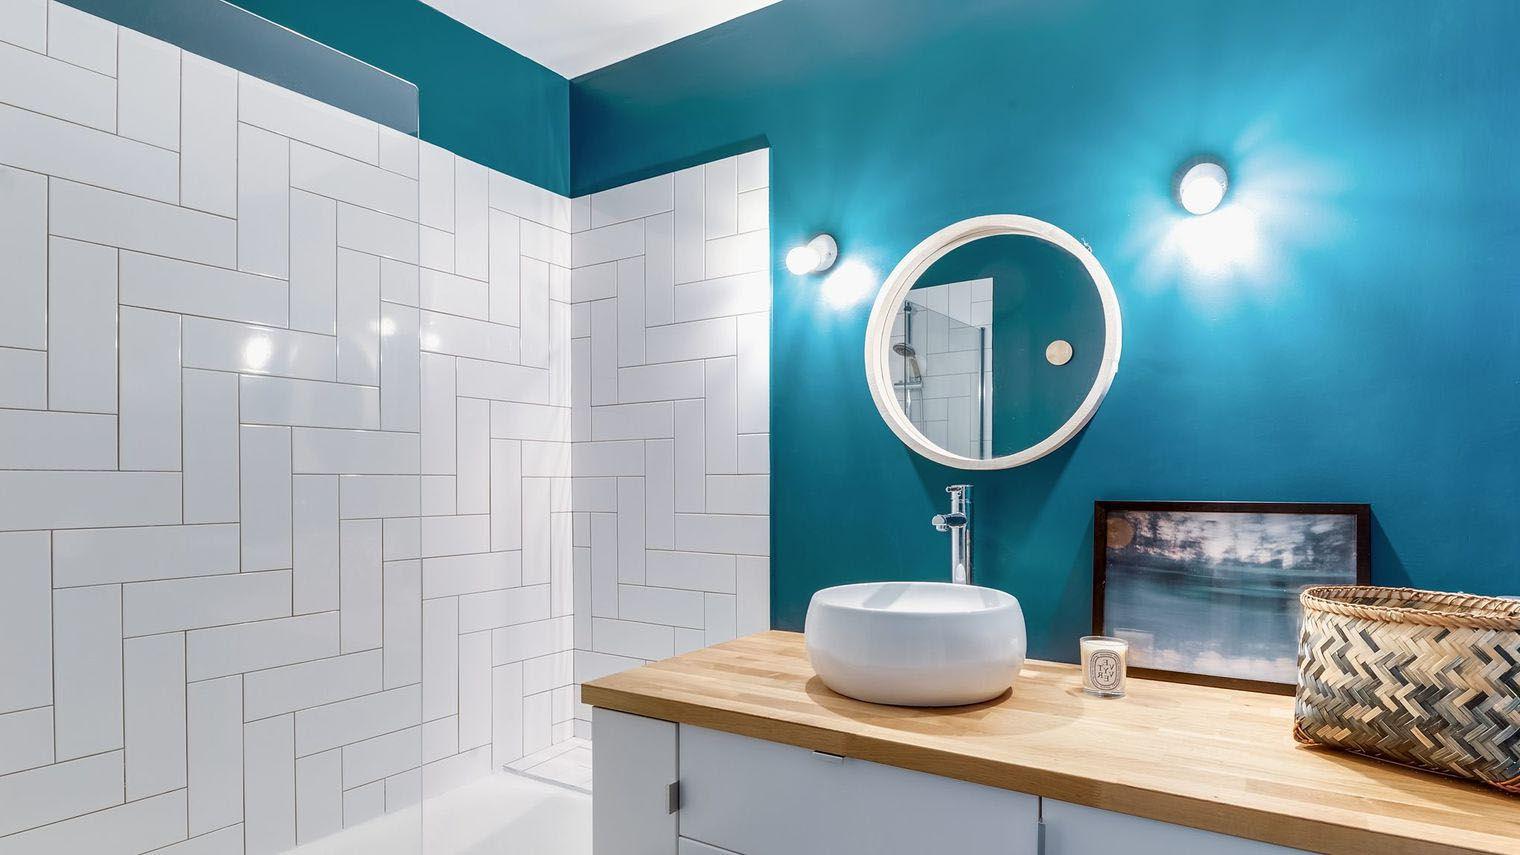 44+ Tendance peinture salle de bain trends